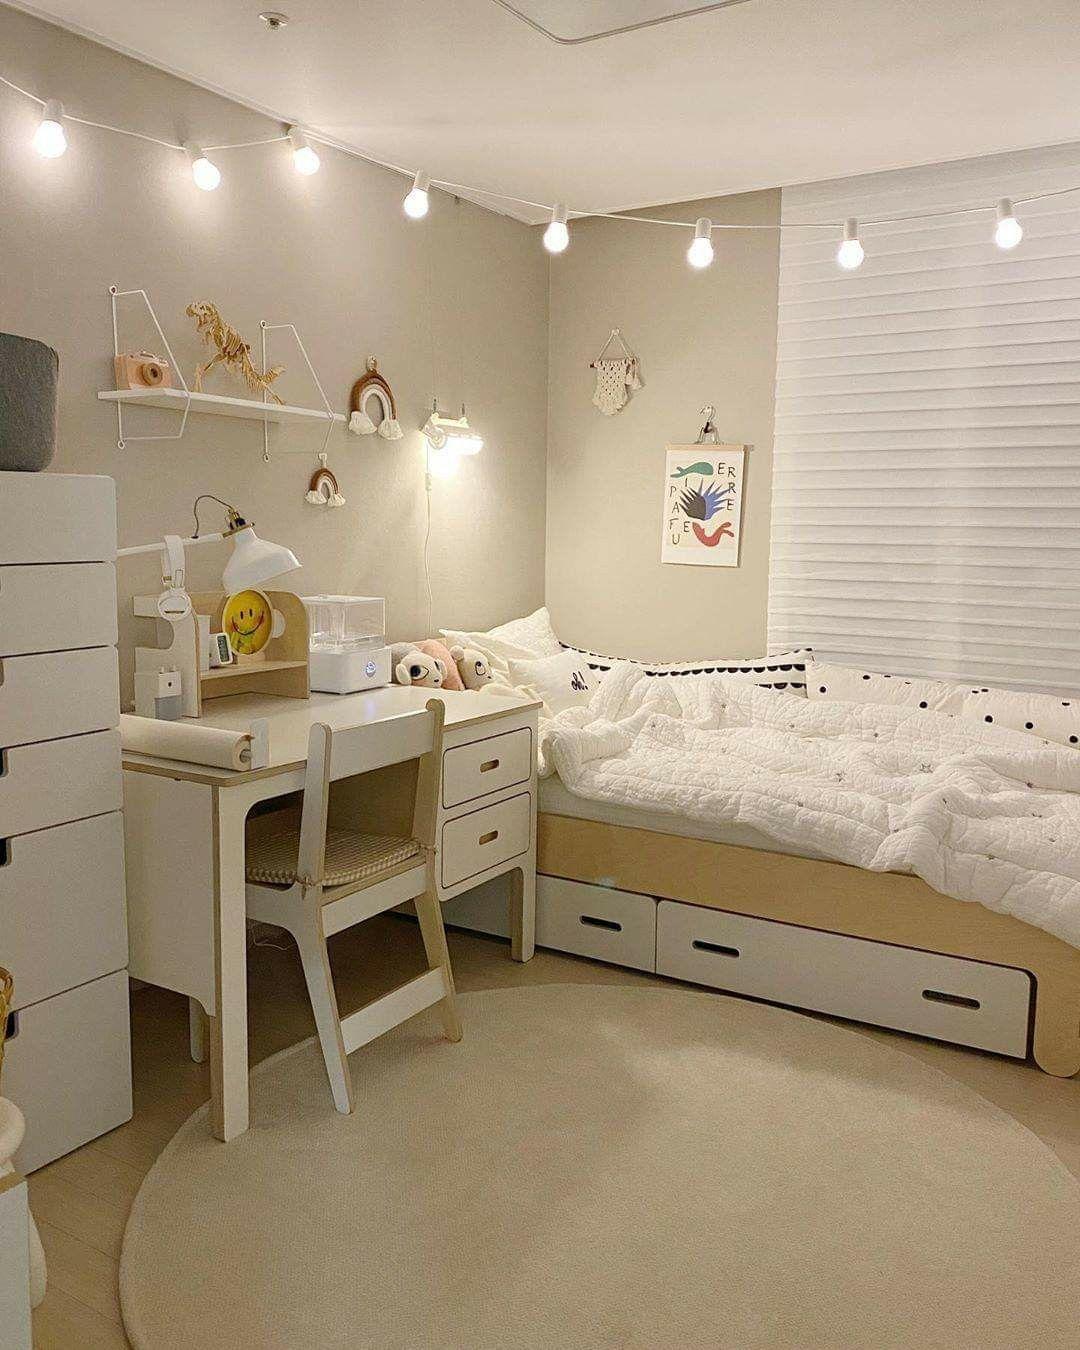 Pin Oleh Nour Nono Di Room Decorate Di 2020 Ide Apartemen Desain Interior Ide Dekorasi Kamar Tidur